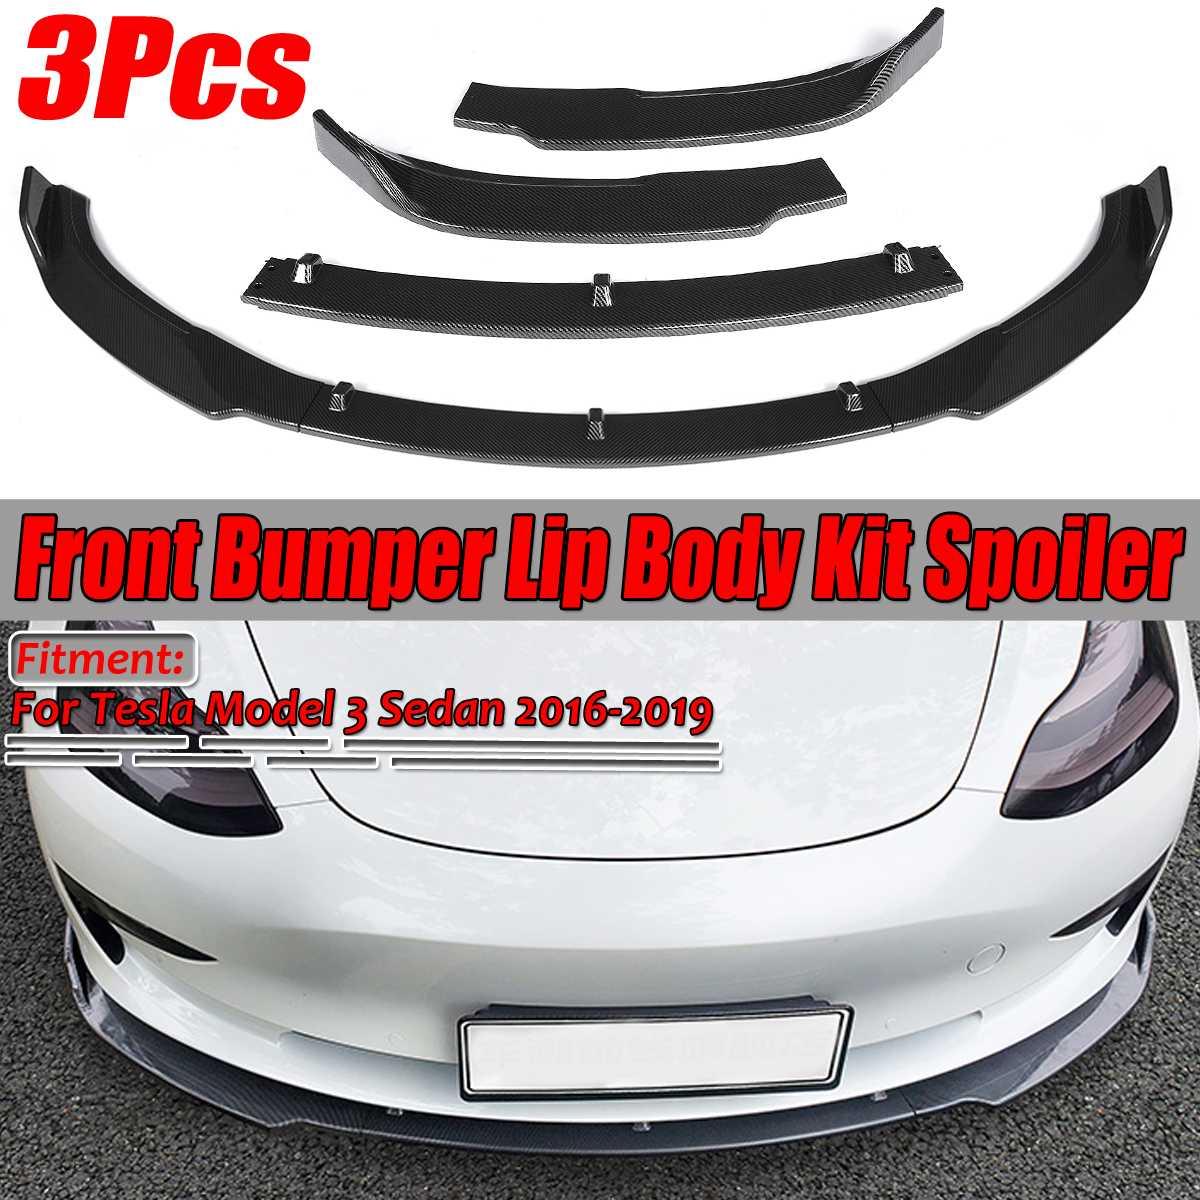 Nowy 3 sztuk wygląd włókna węglowego/czarny samochód splitter przedniego zderzaka Lip Body Kit Spoiler dyfuzor straż dla Tesla Model 3 Sedan 2016-2019